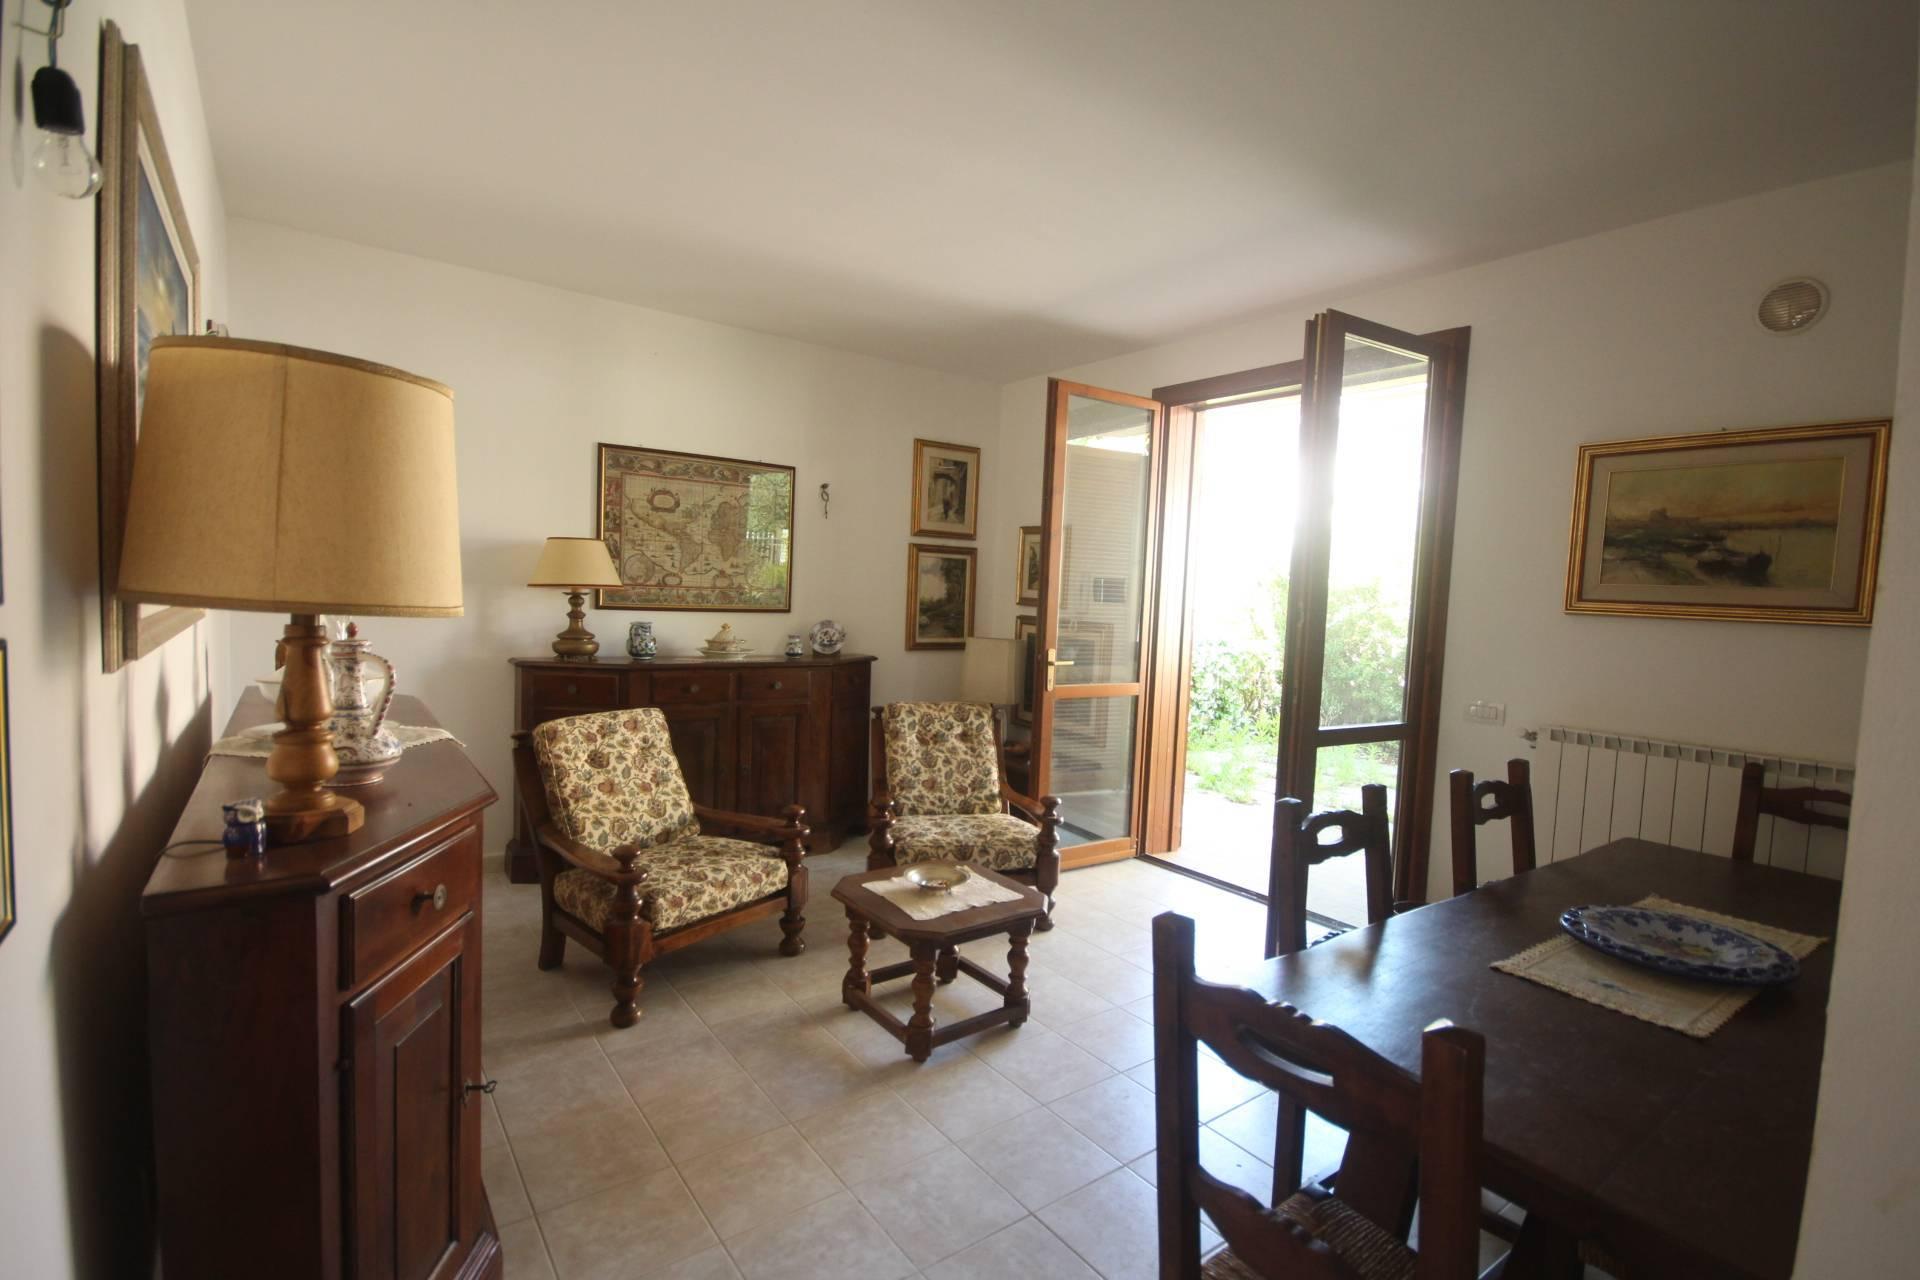 Appartamento in vendita a Orbetello, 5 locali, zona eblanda, prezzo € 205.000 | PortaleAgenzieImmobiliari.it